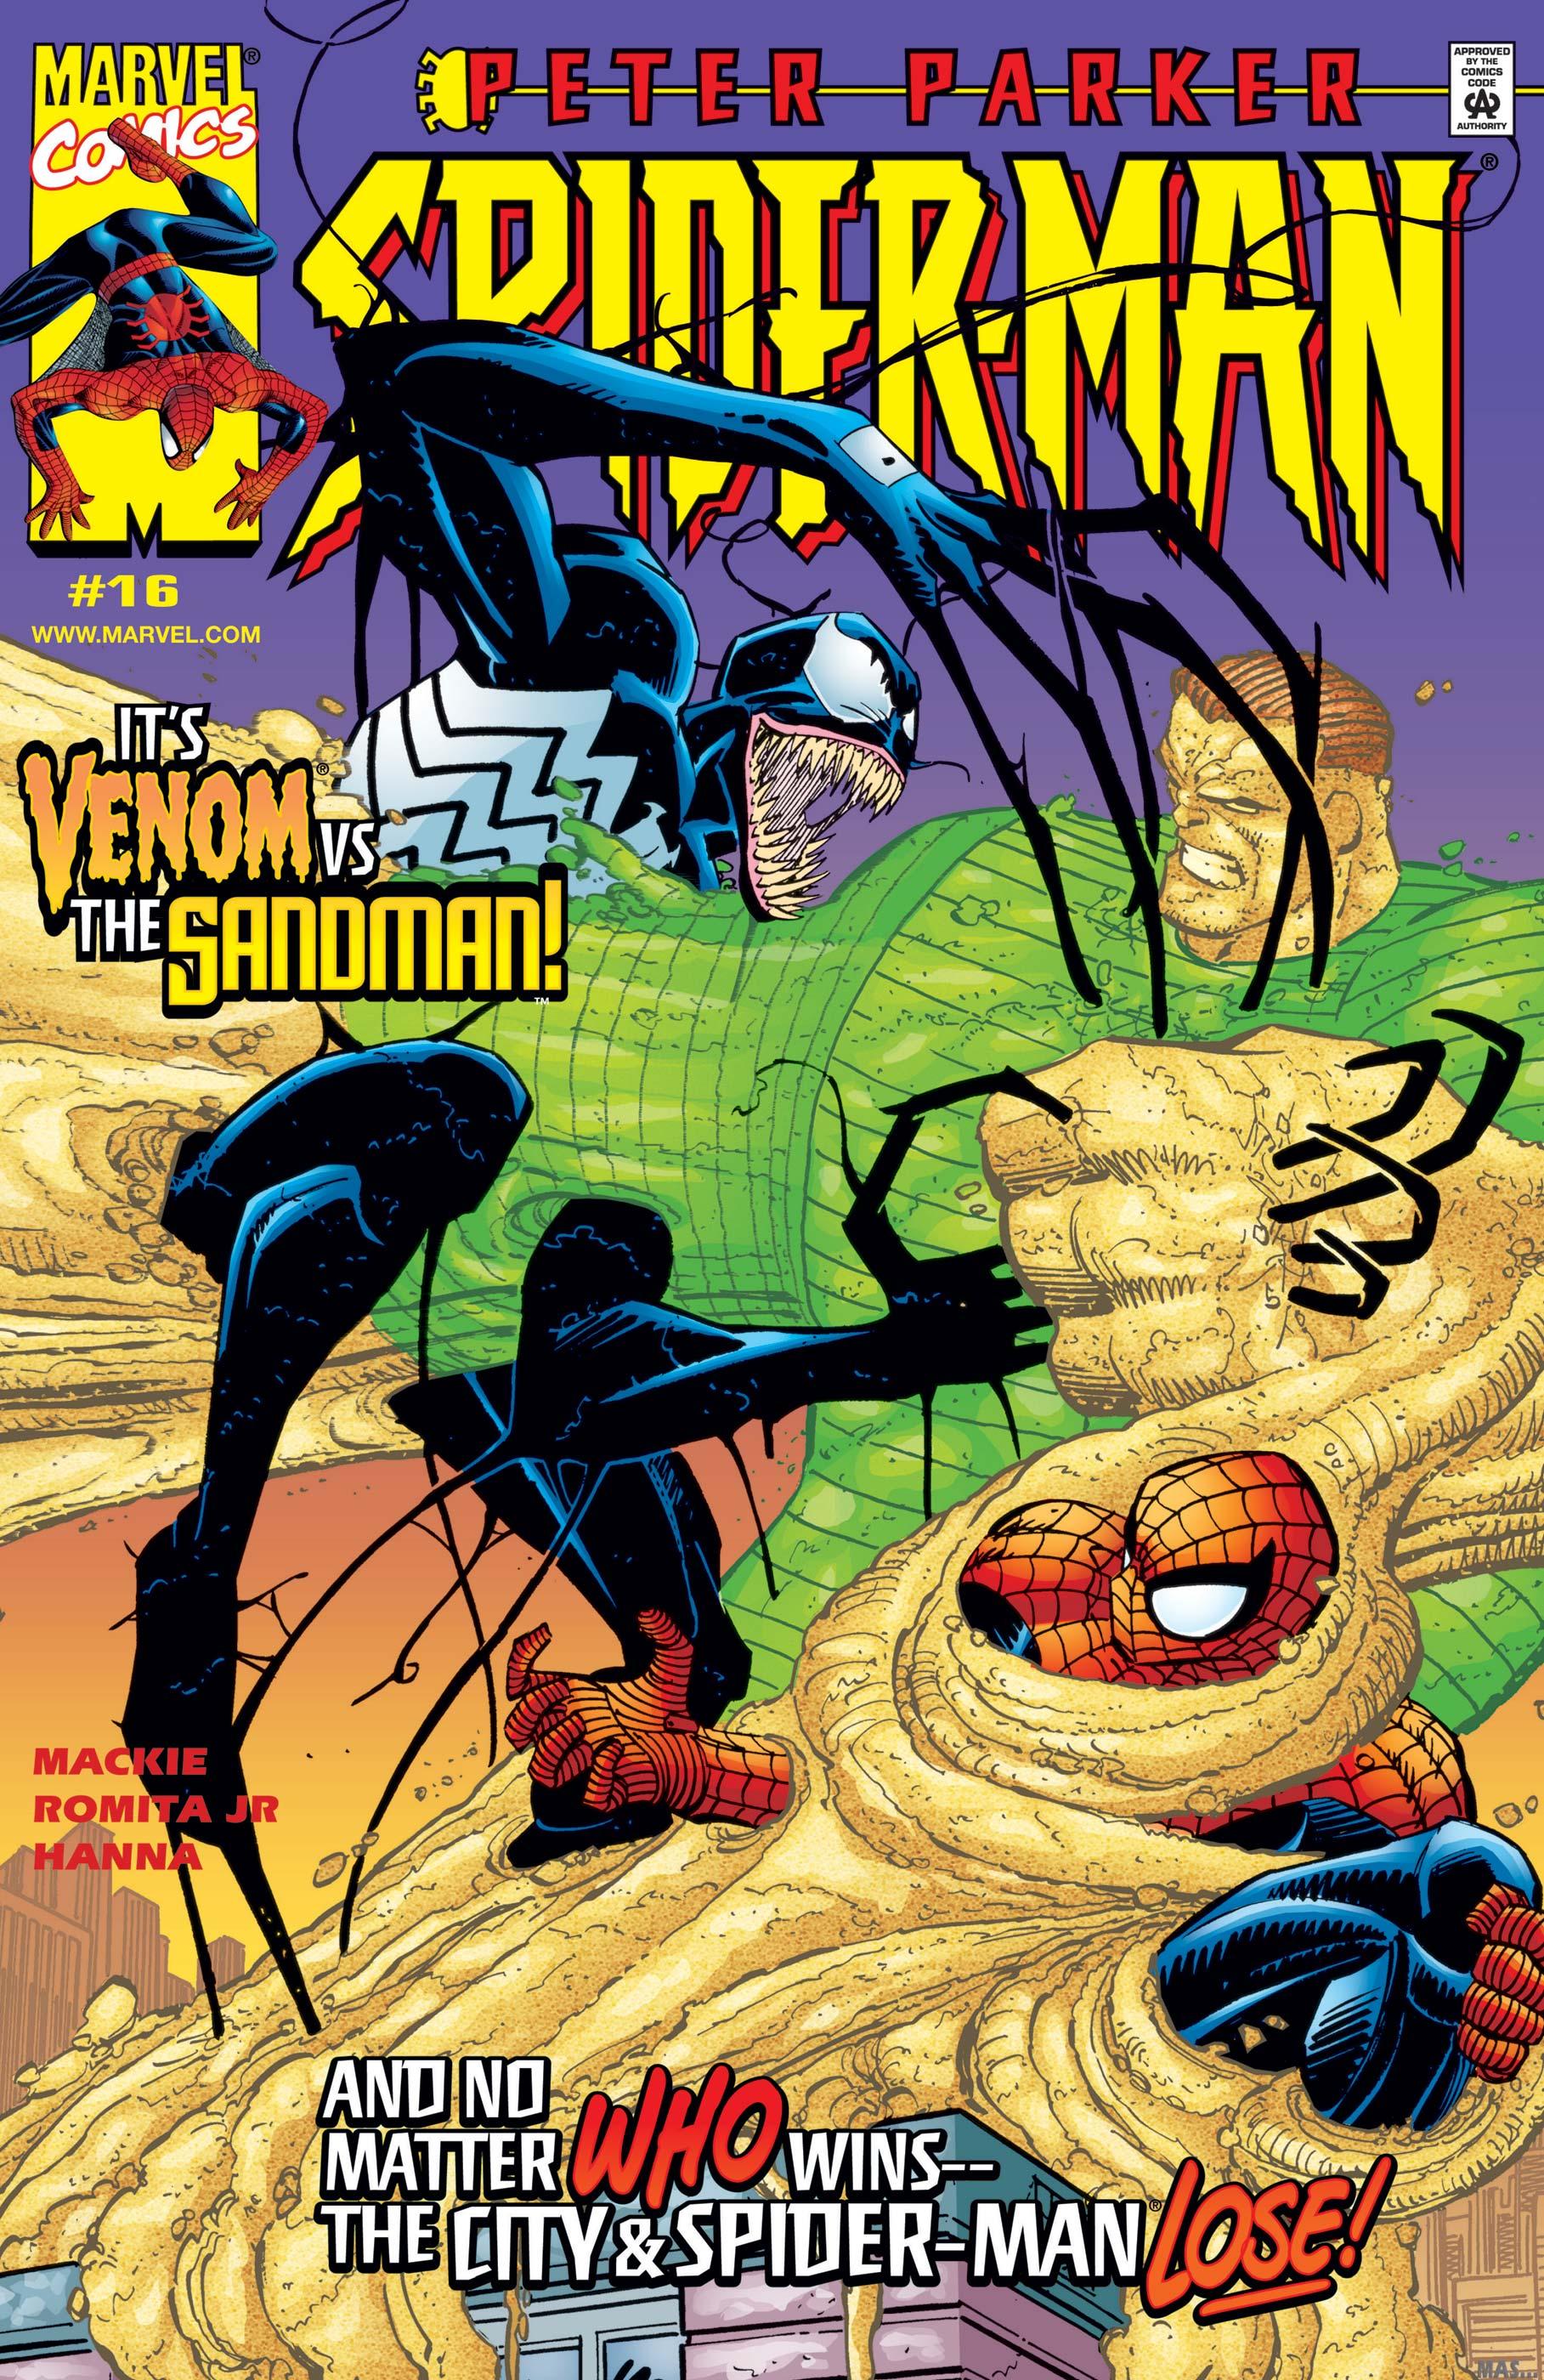 Peter Parker: Spider-Man (1999) #16